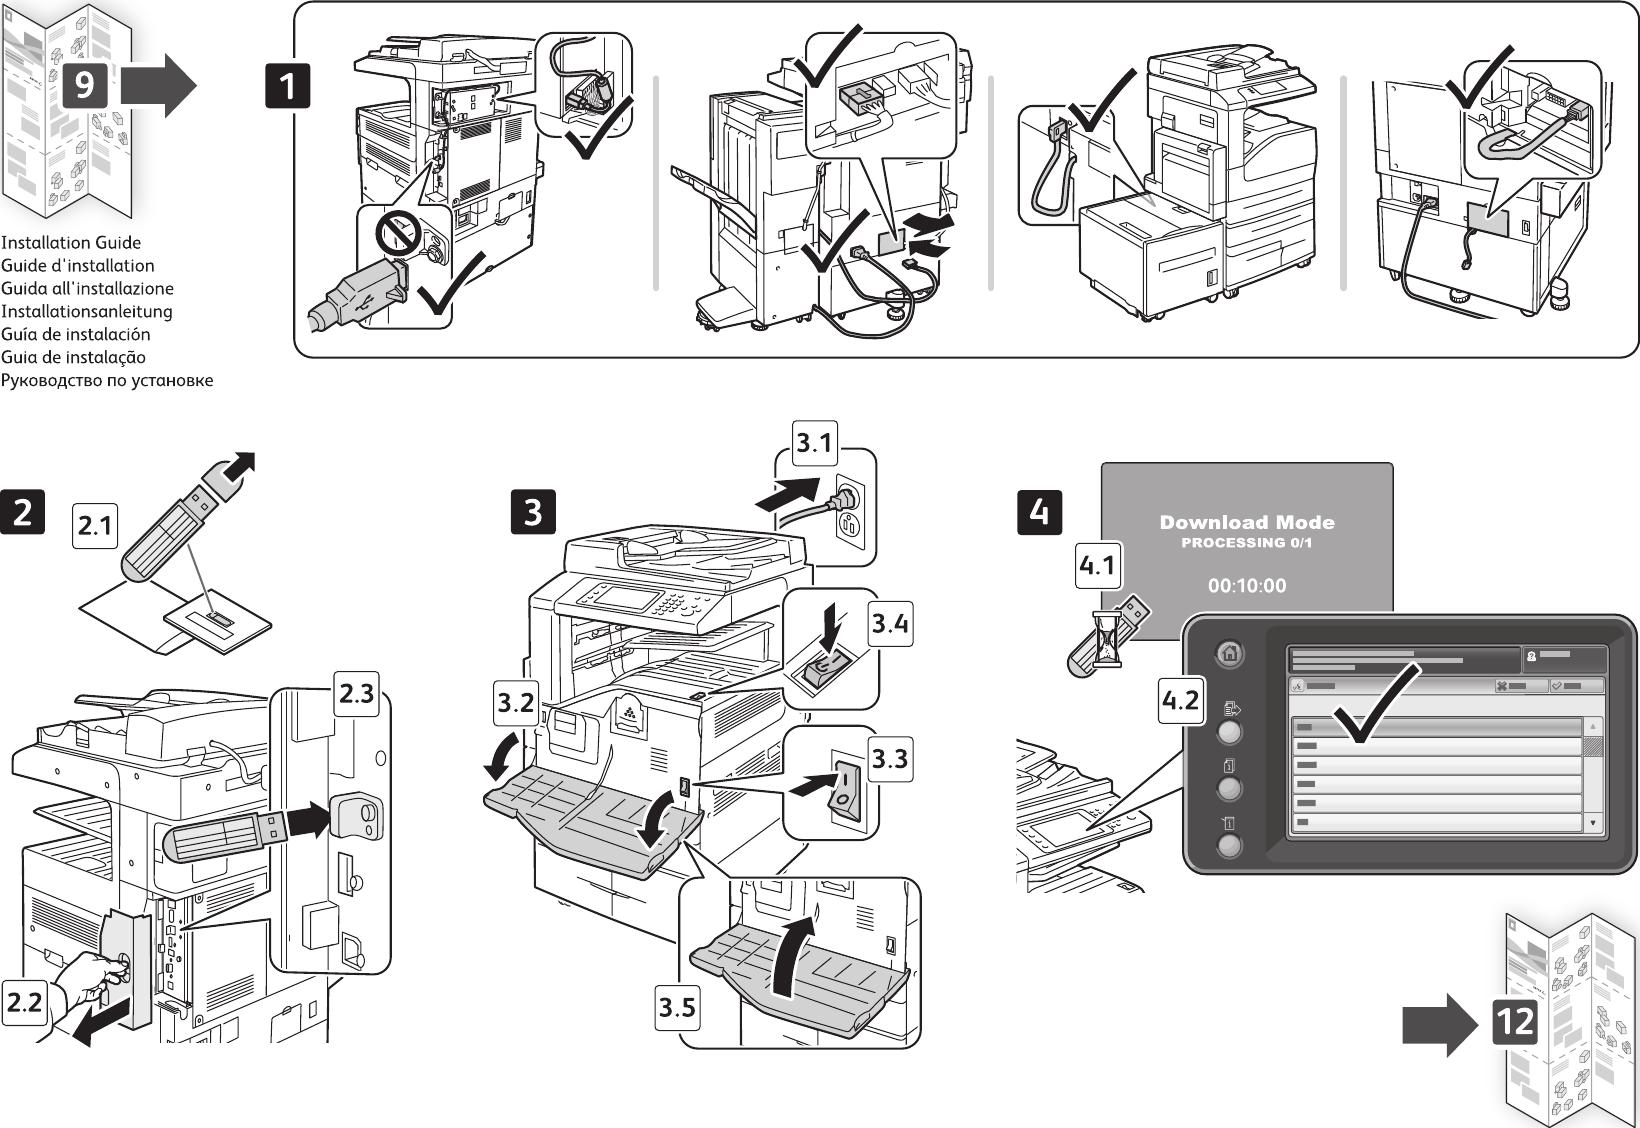 Xerox Workcentre 5325 5330 5335 Users Manual 5325/5330